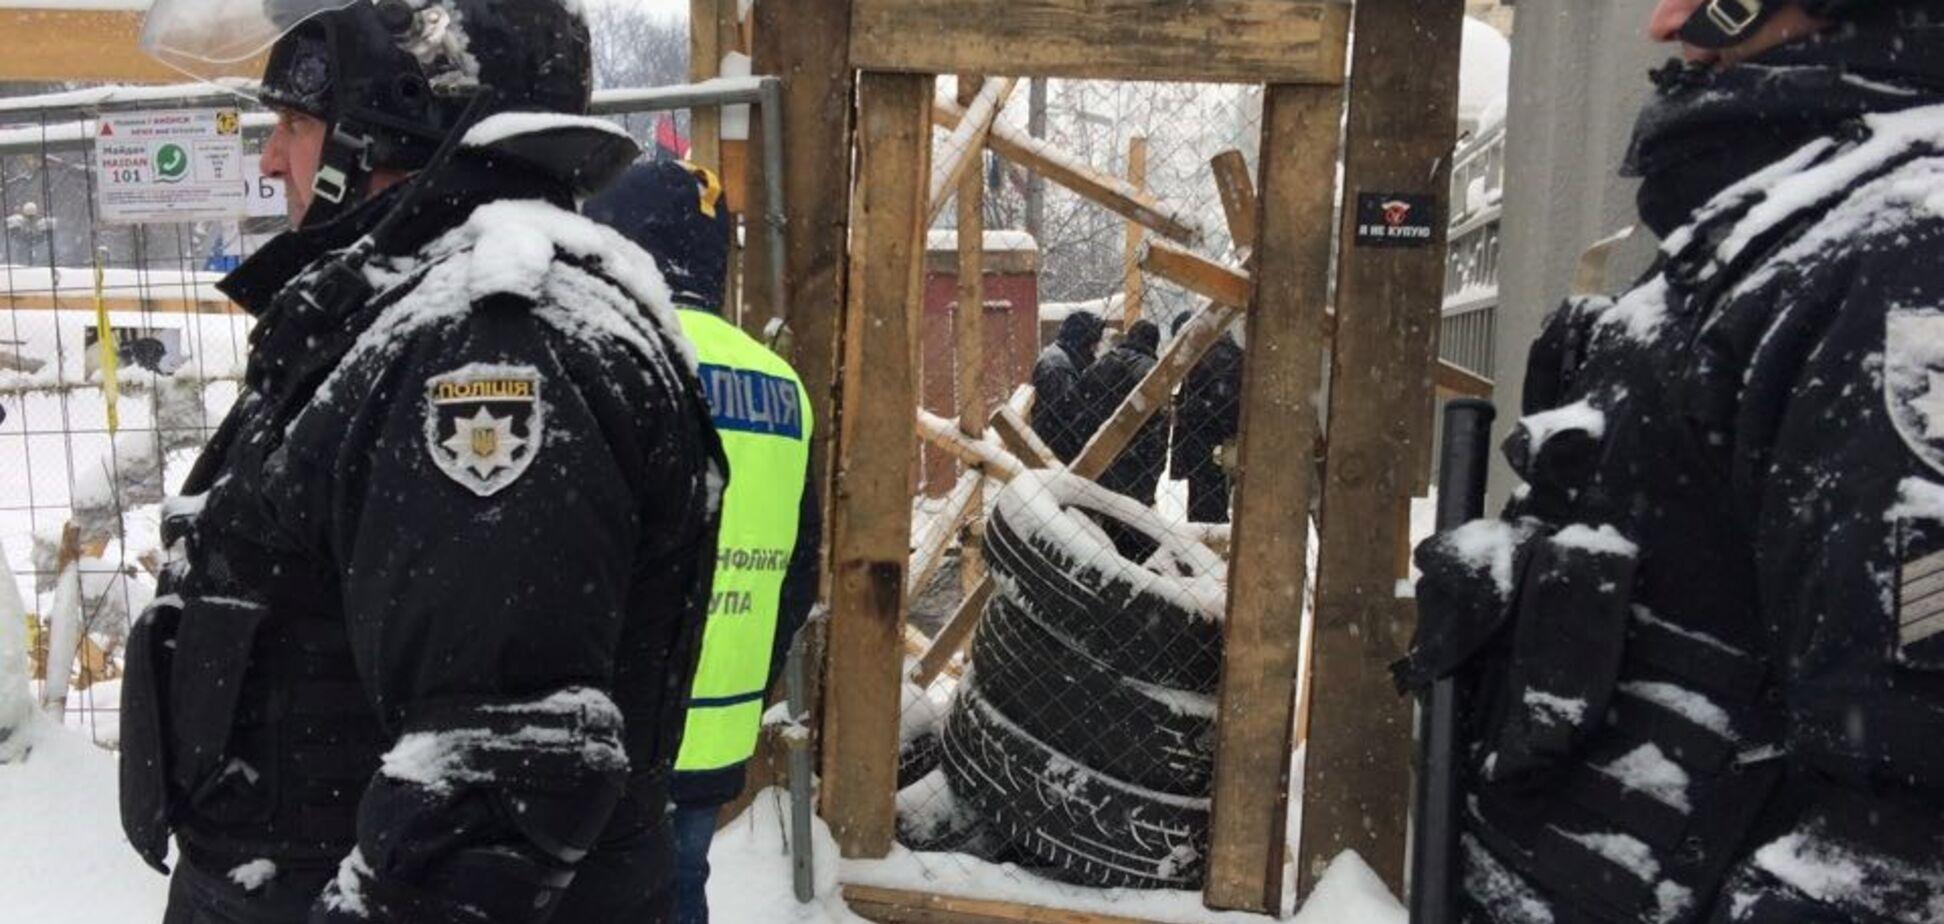 'Зачистка' палаточного городка под Радой: в полиции пояснили ситуацию